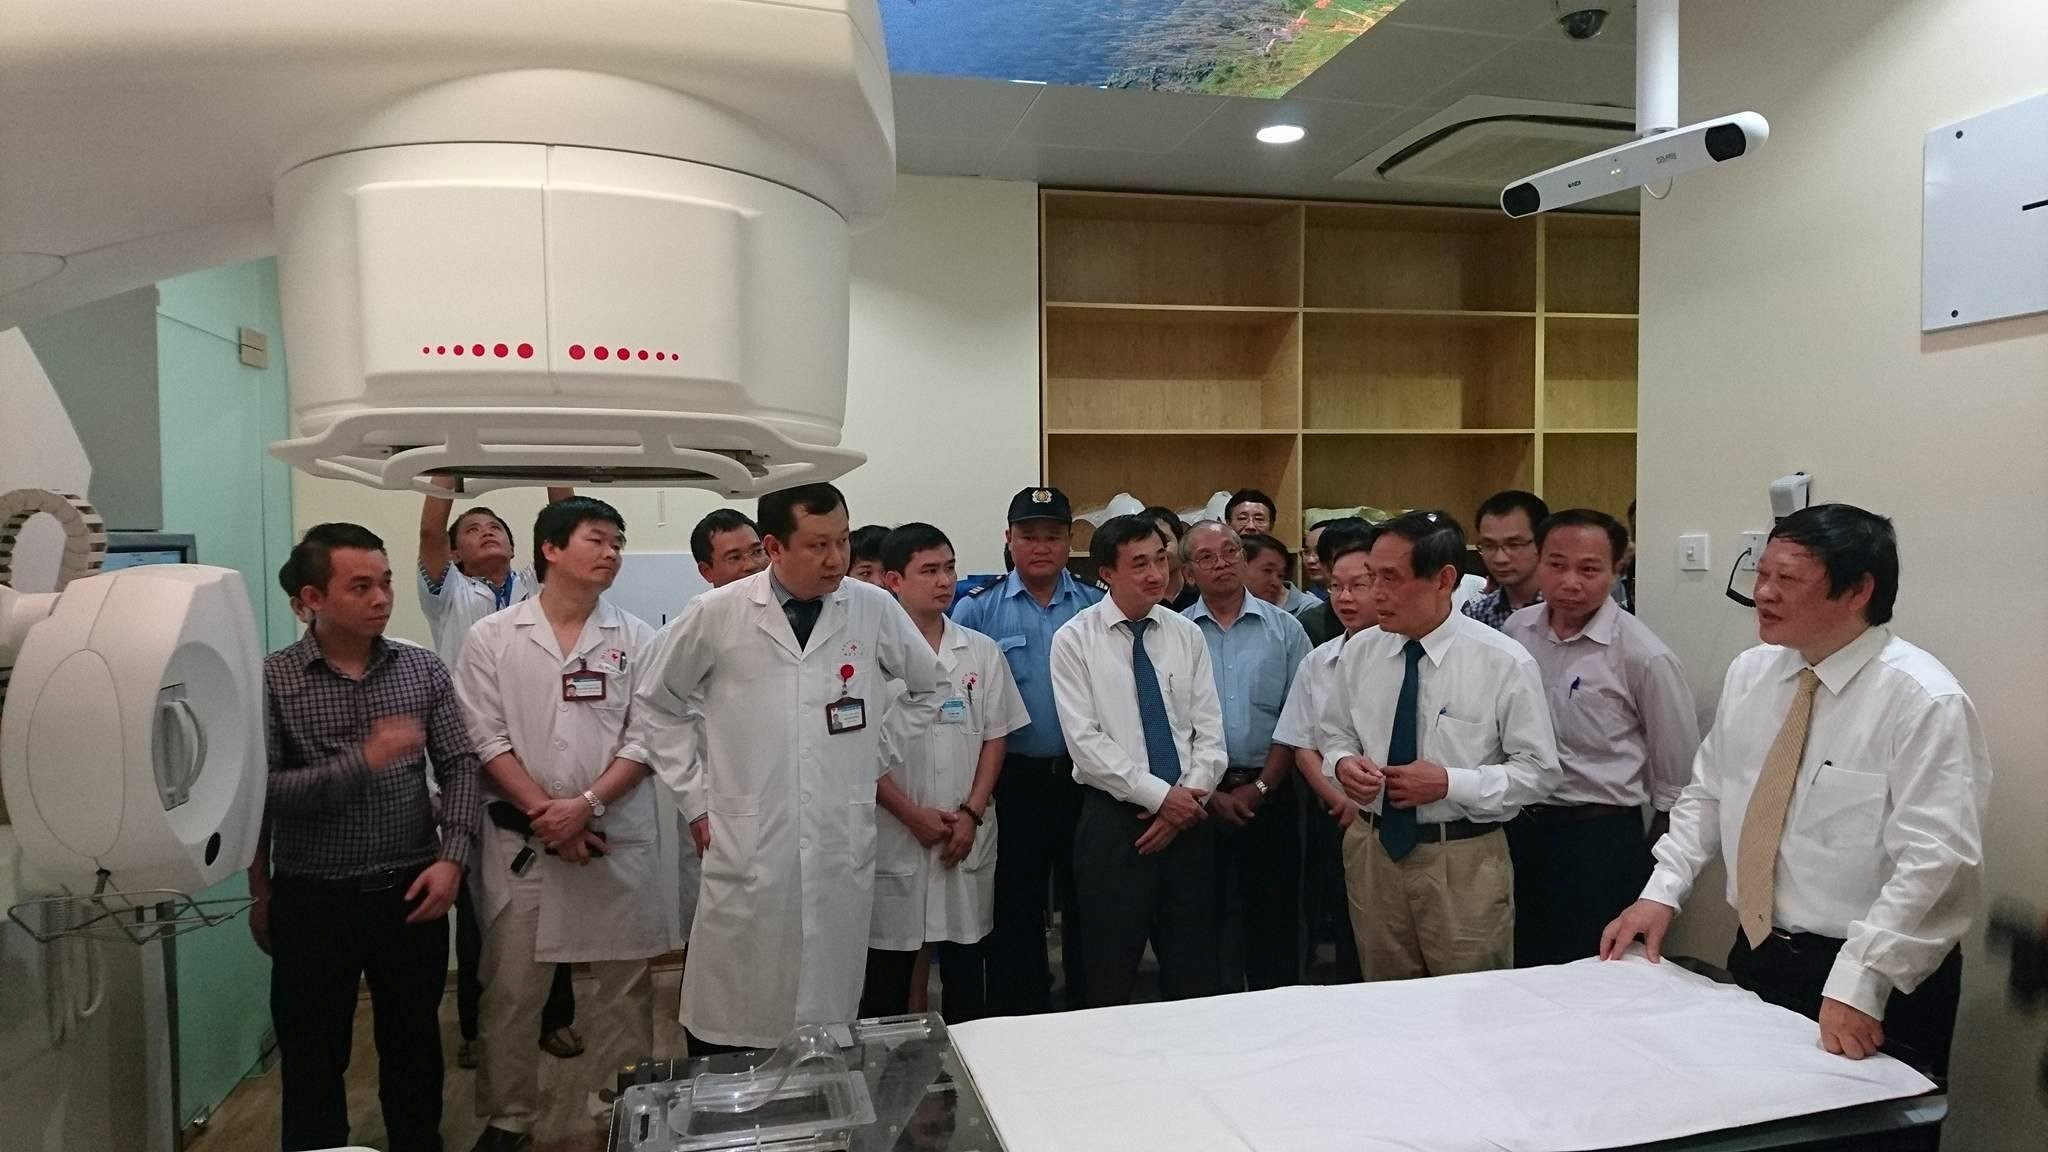 Các chuyên gia giới thiệu với Thứ trưởng Bộ Y tế Nguyễn Viết Tiến về tính năng của máy xạ trị ung thư hiện đại nhất Việt Nam đưa vào sử dụng tại bệnh viện K